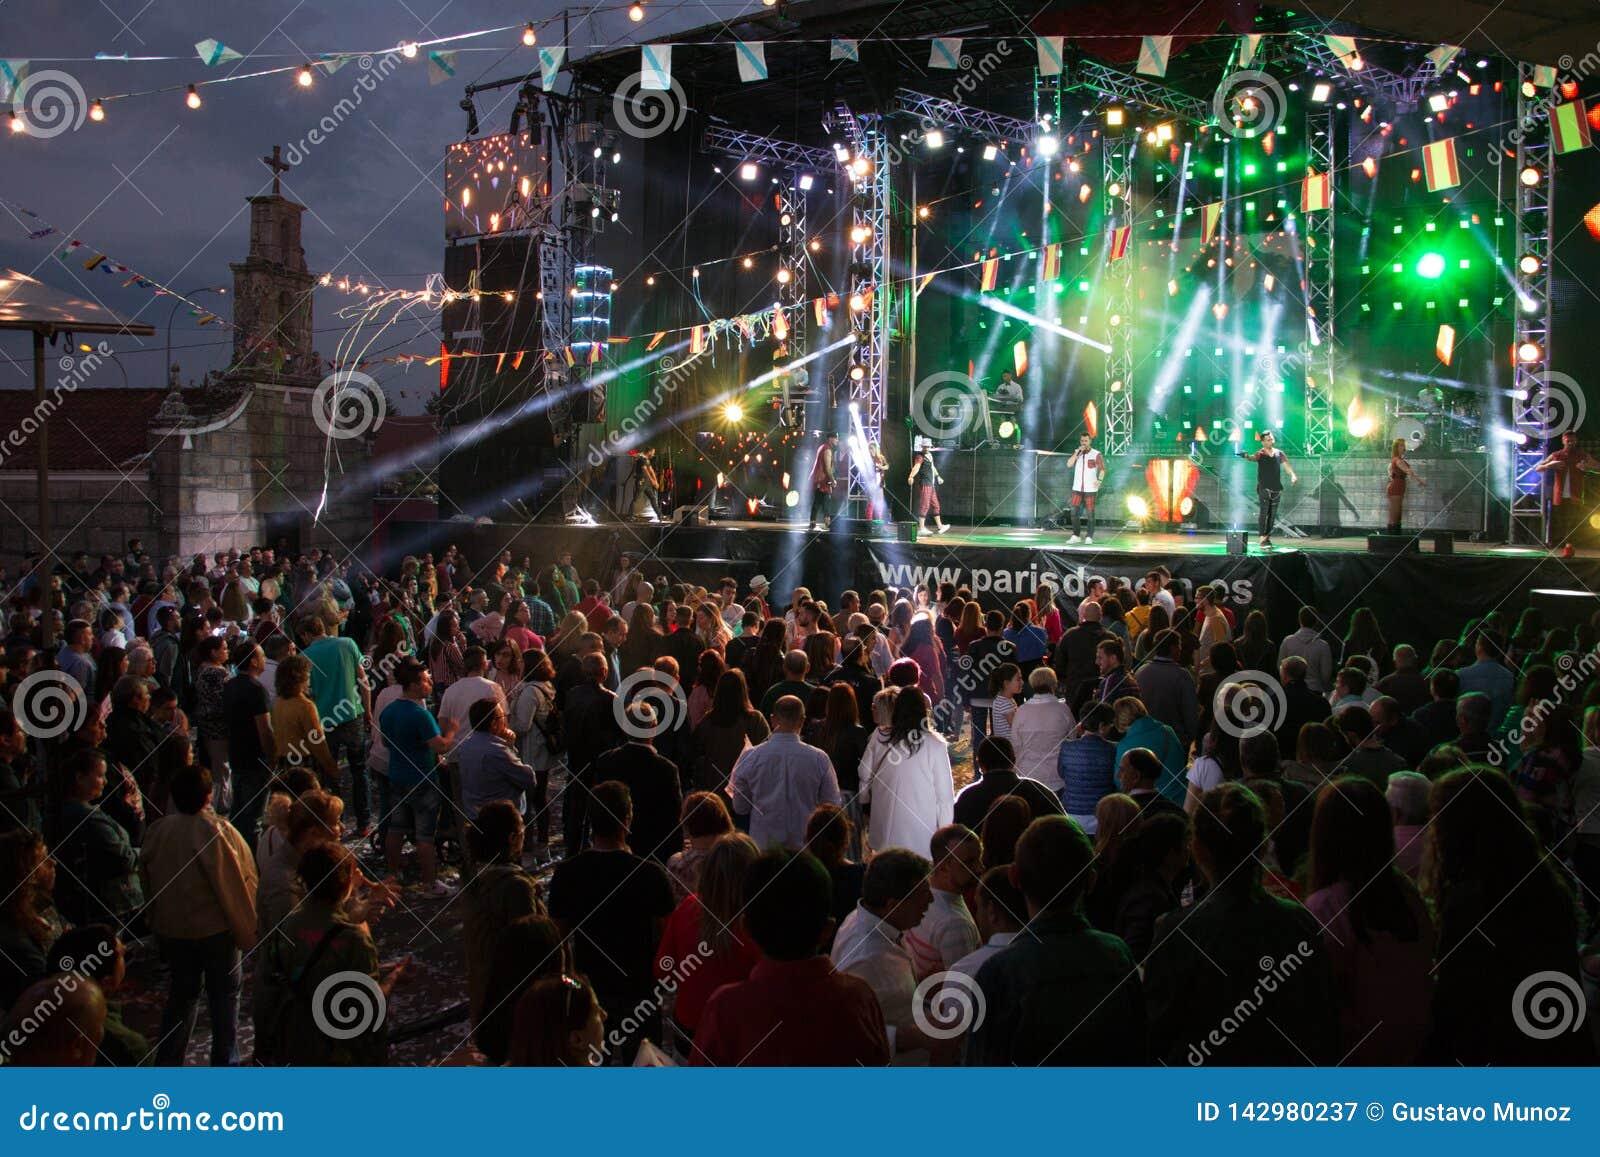 Λάμα, Γαλικία, Ισπανίας - 8 Μαΐου, 2018: Συναυλία από τη διάσημη ορχήστρα του Παρισιού de Noia στα δημοφιλή φεστιβάλ της πόλης τω